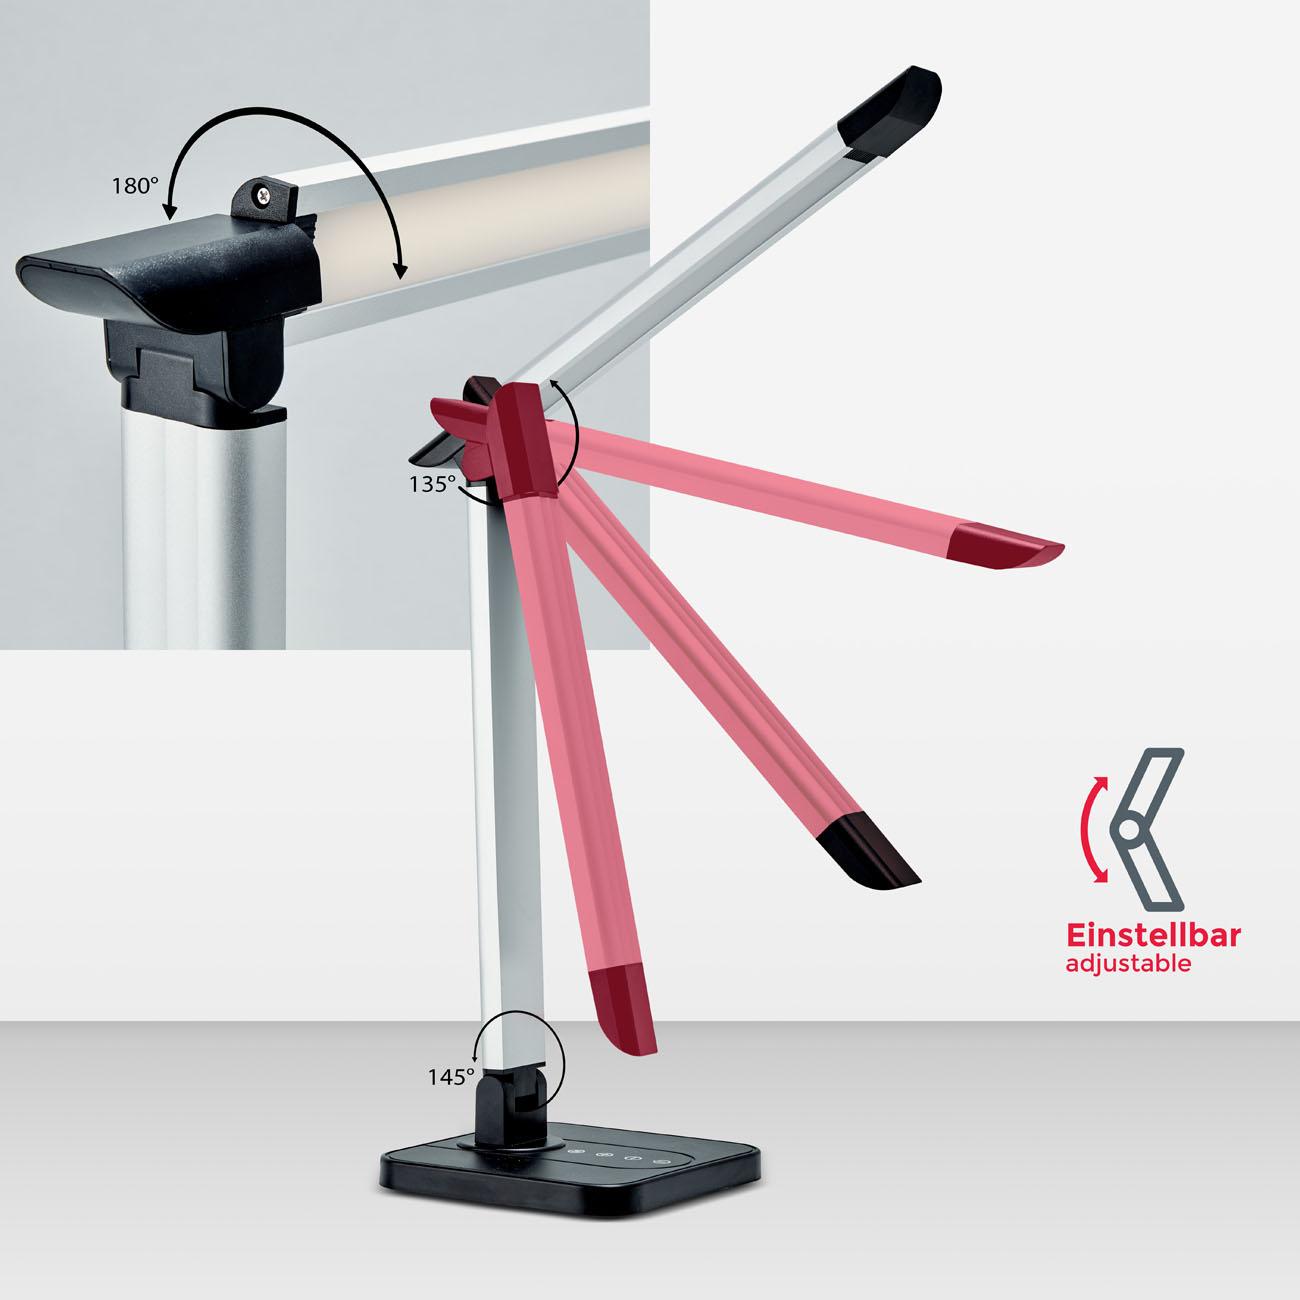 LED Schreibtischleuchte schwenkbar dimmbar schwarz - 7